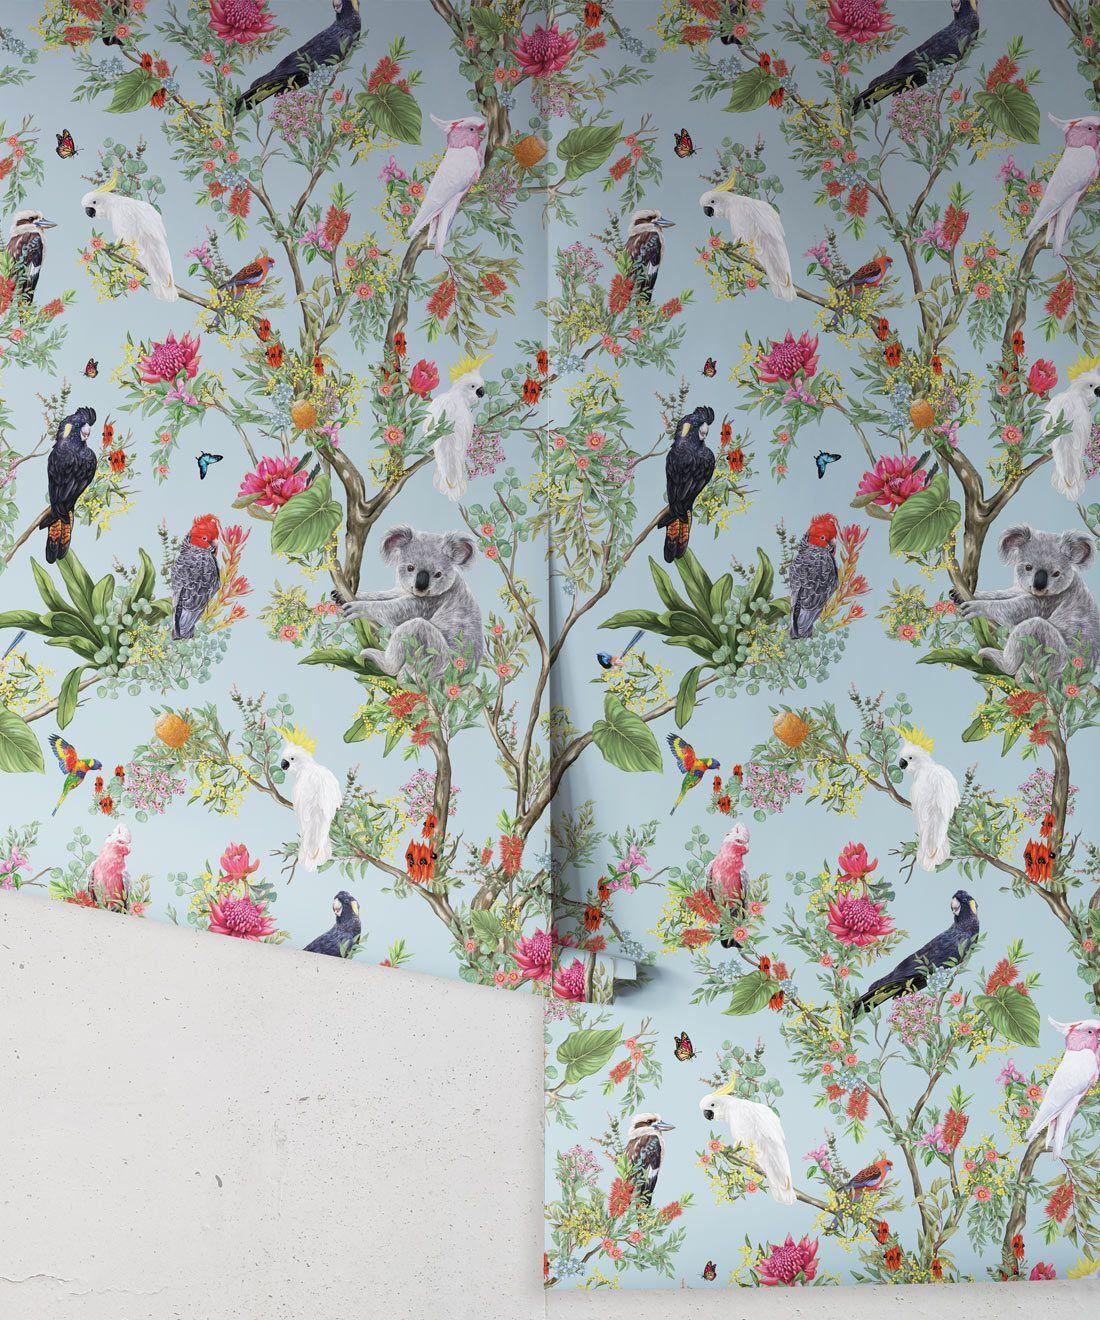 Australia Wallpaper • Cockatoos, Koalas, Parrots, Finches • Milton & King USA • Aqua Wallpaper Roll